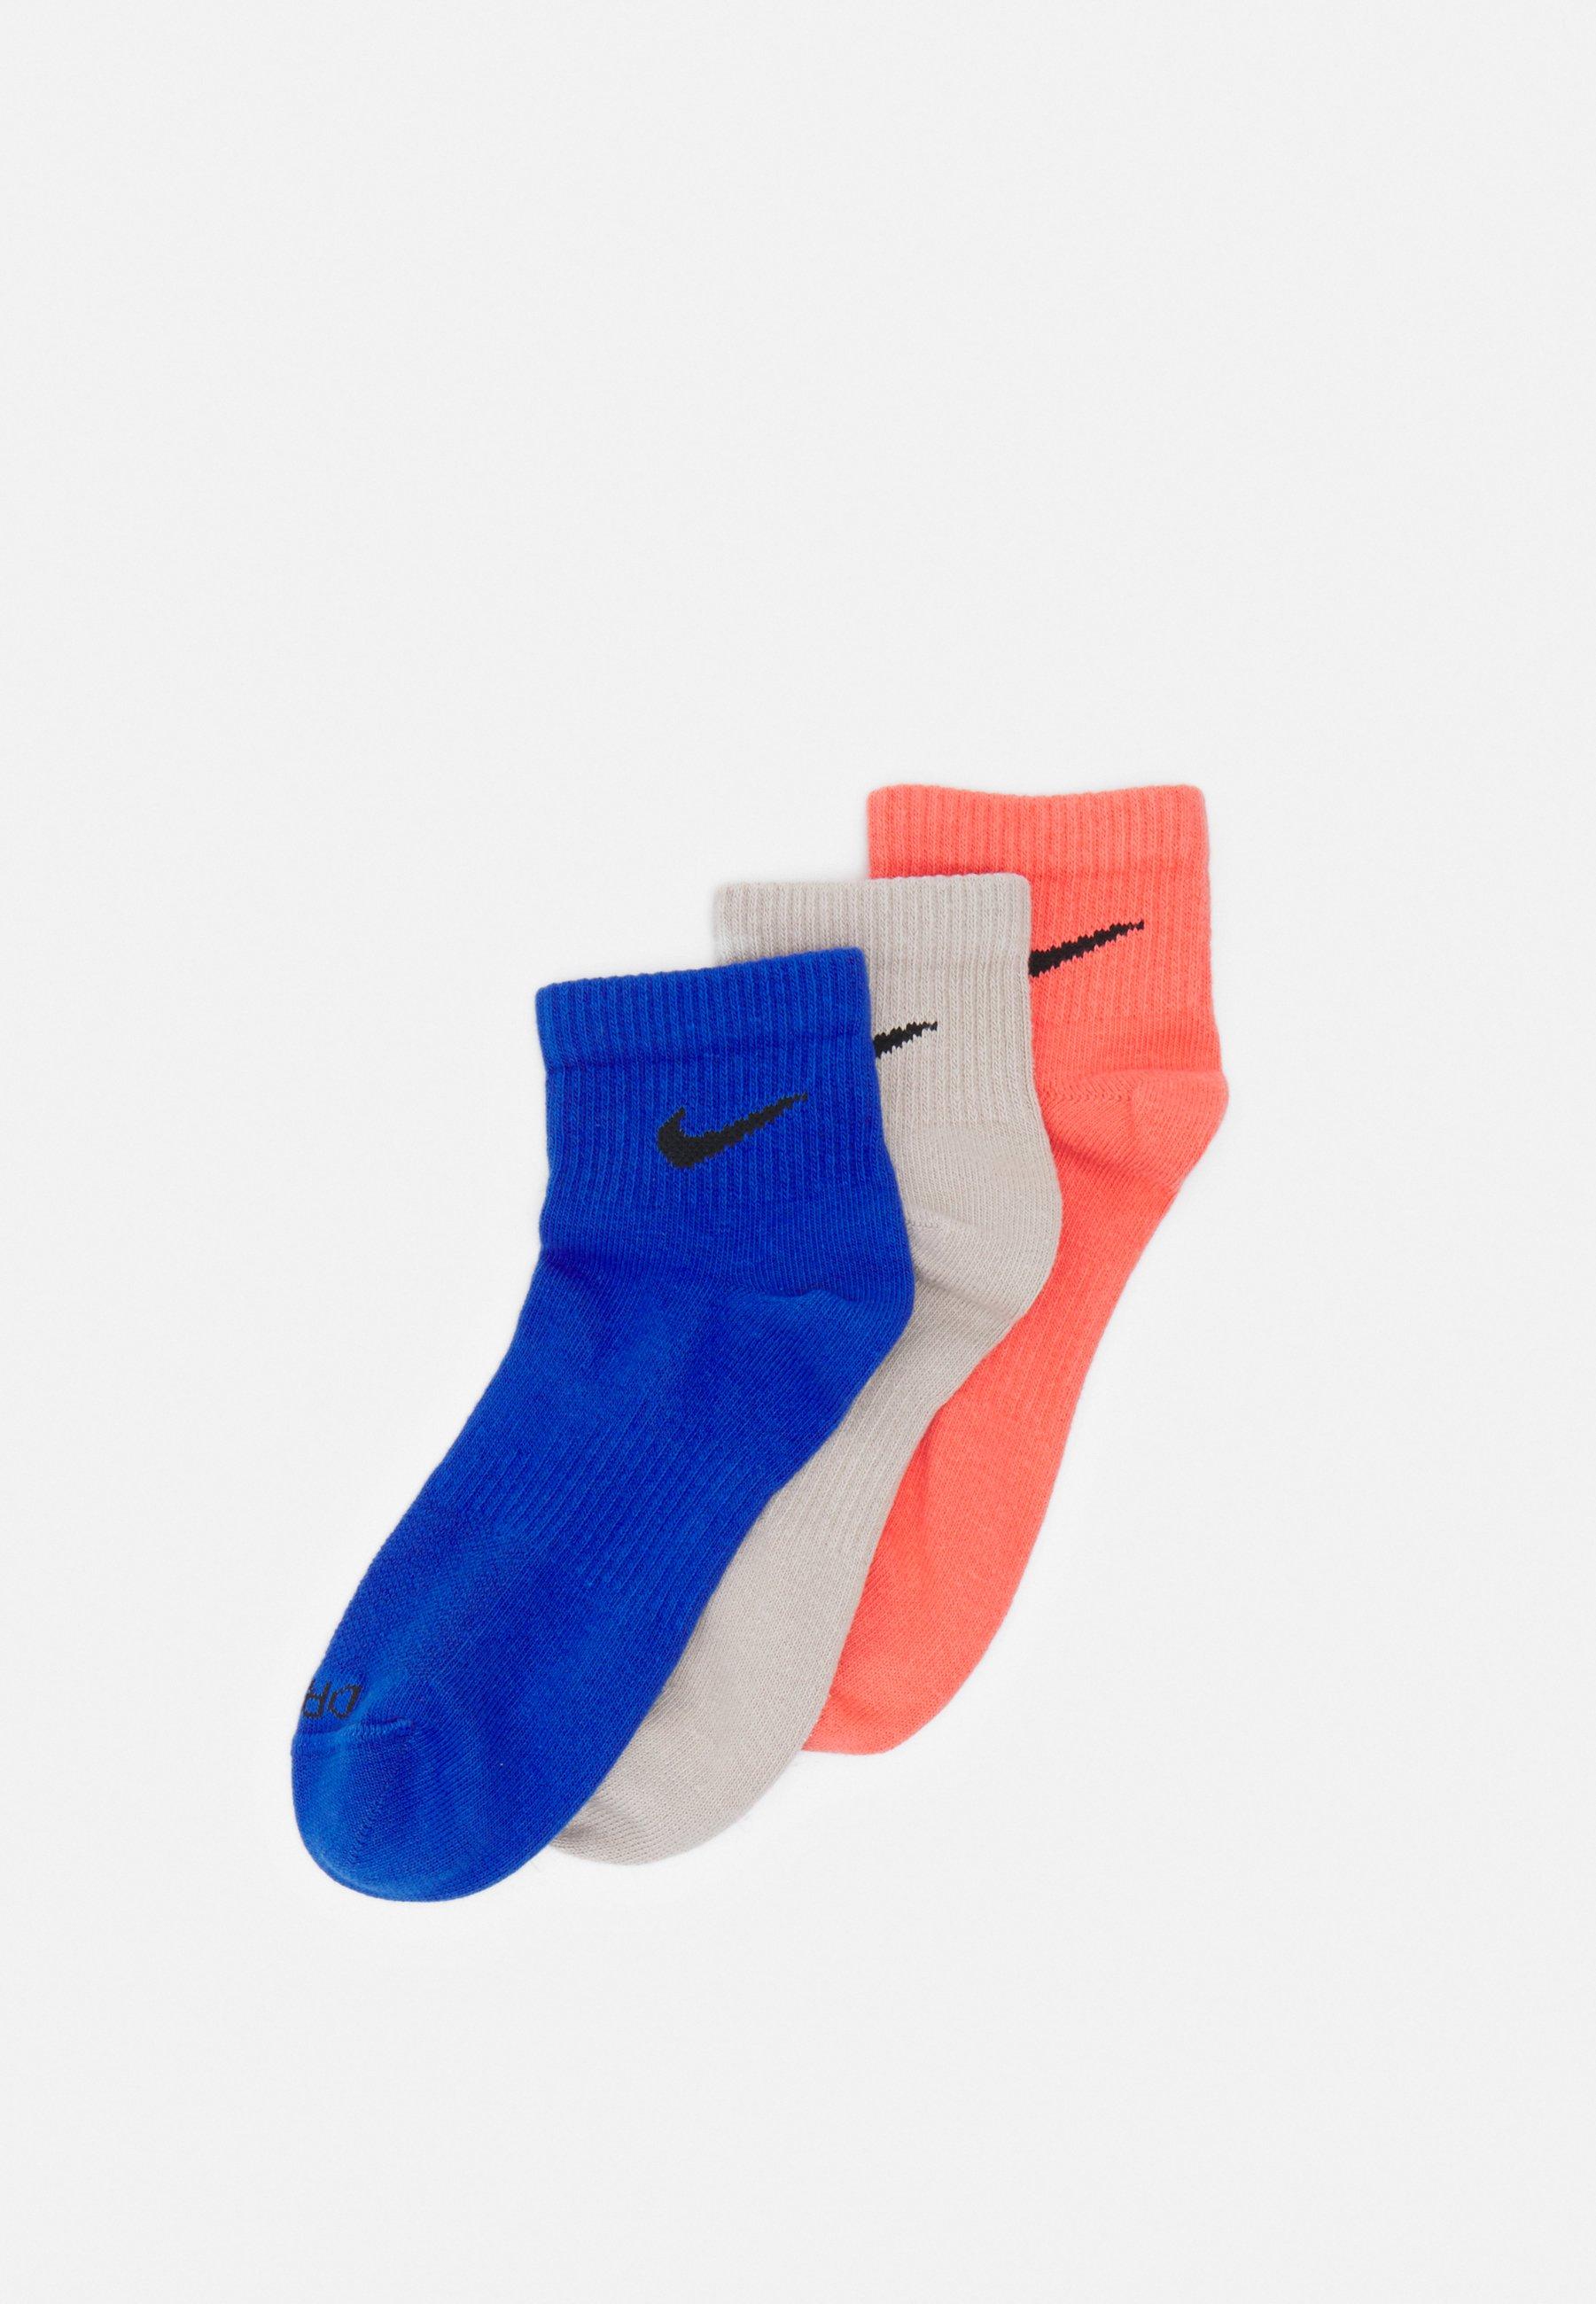 Homme EVERYDAY PLUS ANKLE 3 PACK UNISEX - Chaussettes de sport